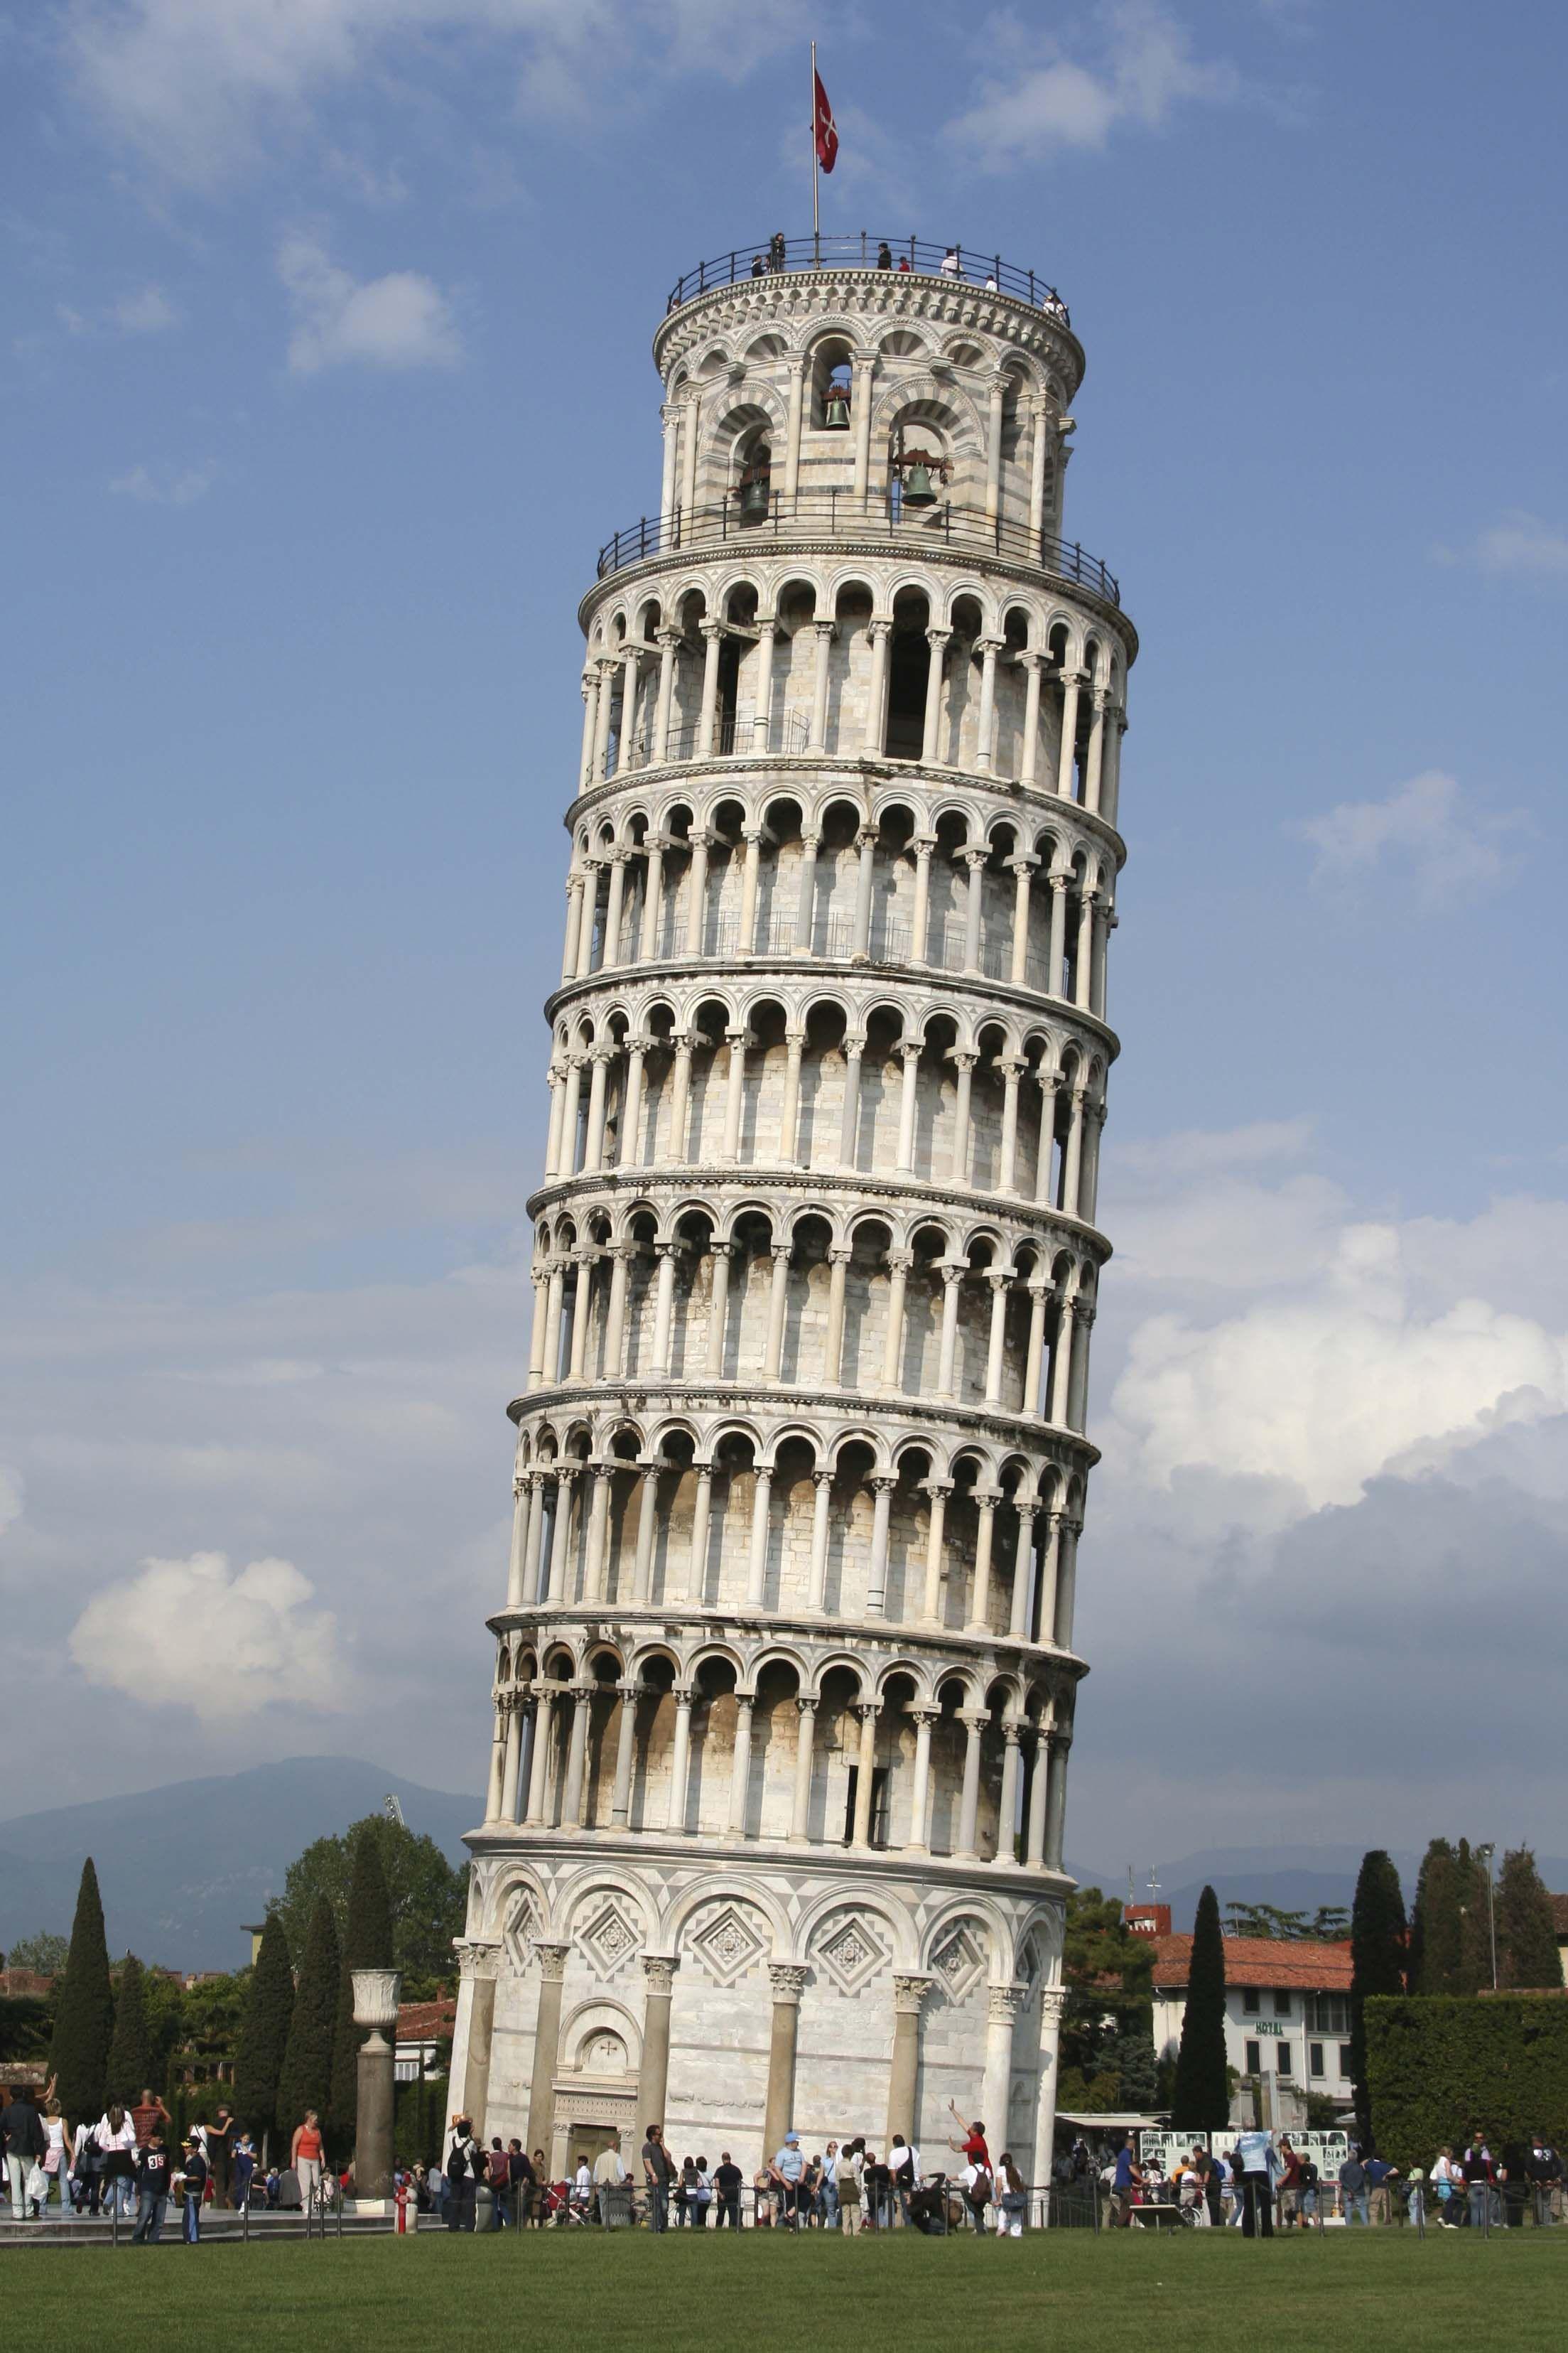 يقع برج بيزا في إيطاليا بمدينة بيزا في ولاية توسكانا بدا انشاء البرج في 8 أغسطس 1173 ميلادي وفي عام 1372 بني آخر الطوابق Tower Leaning Tower Of Pisa Pisa